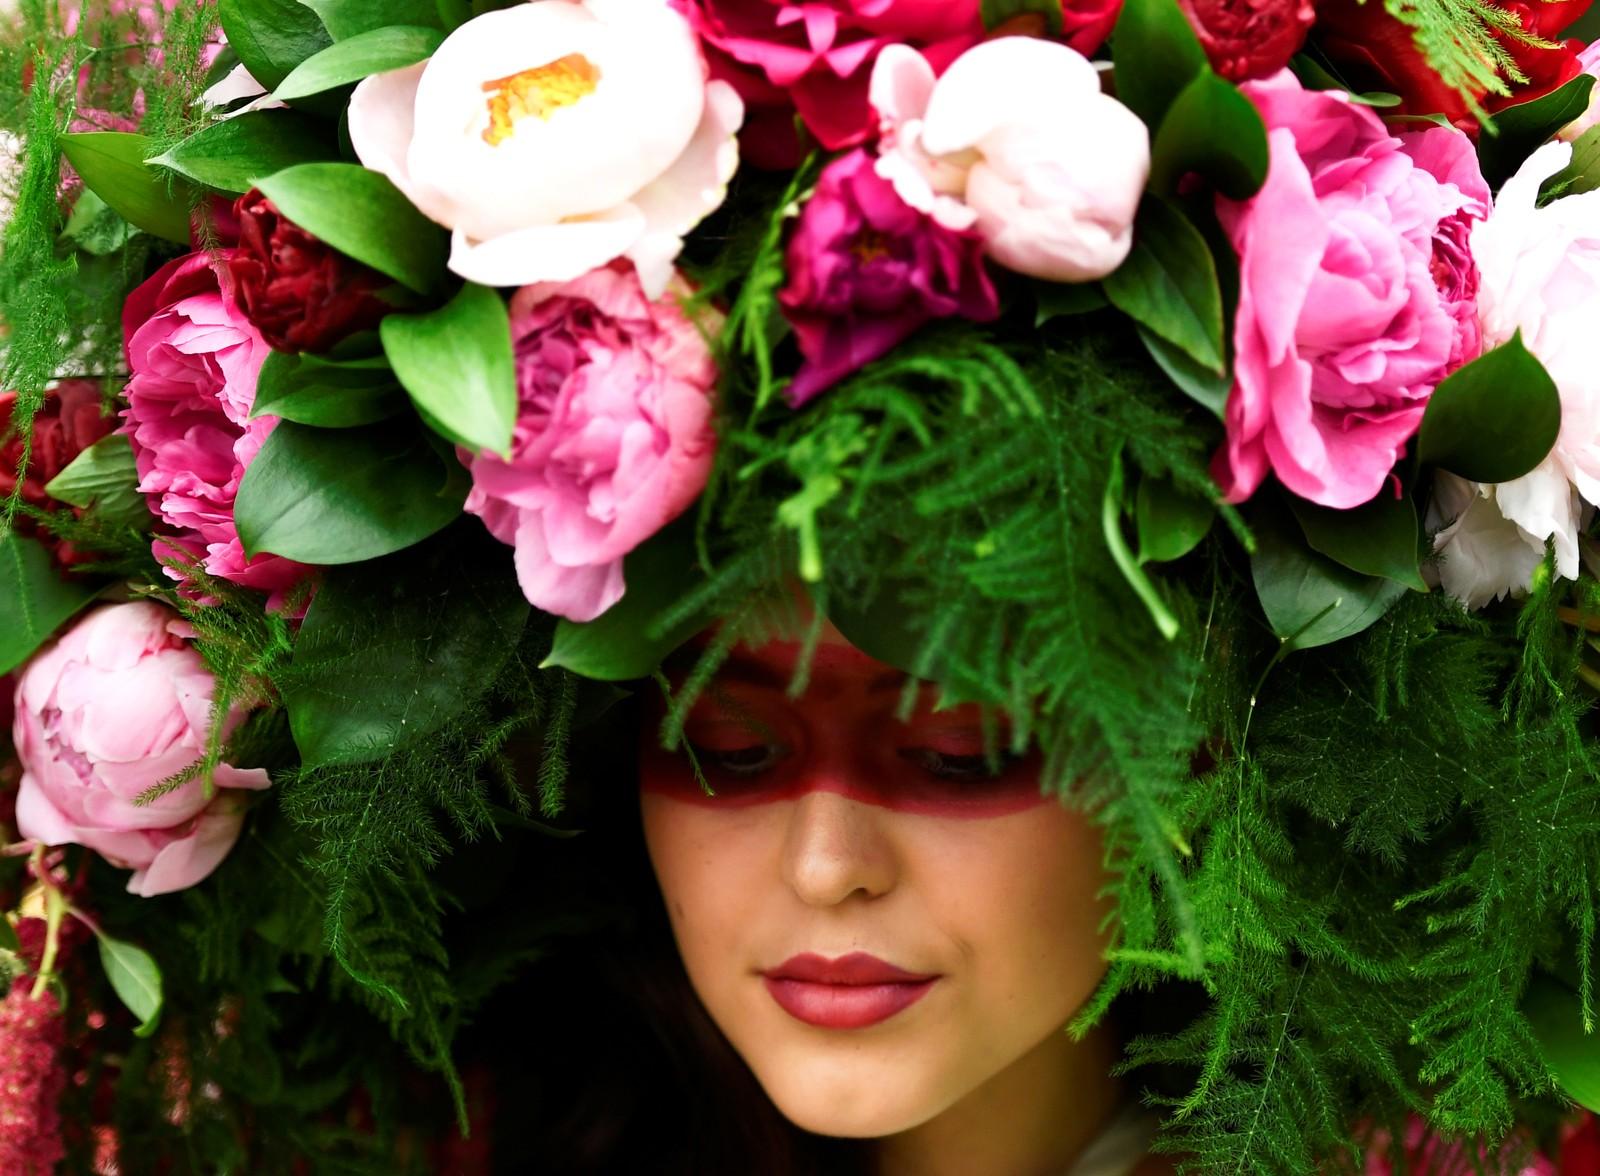 Et velluktende hodeplagg under den kjente hagemessen til Chelsea Flower Show i London.